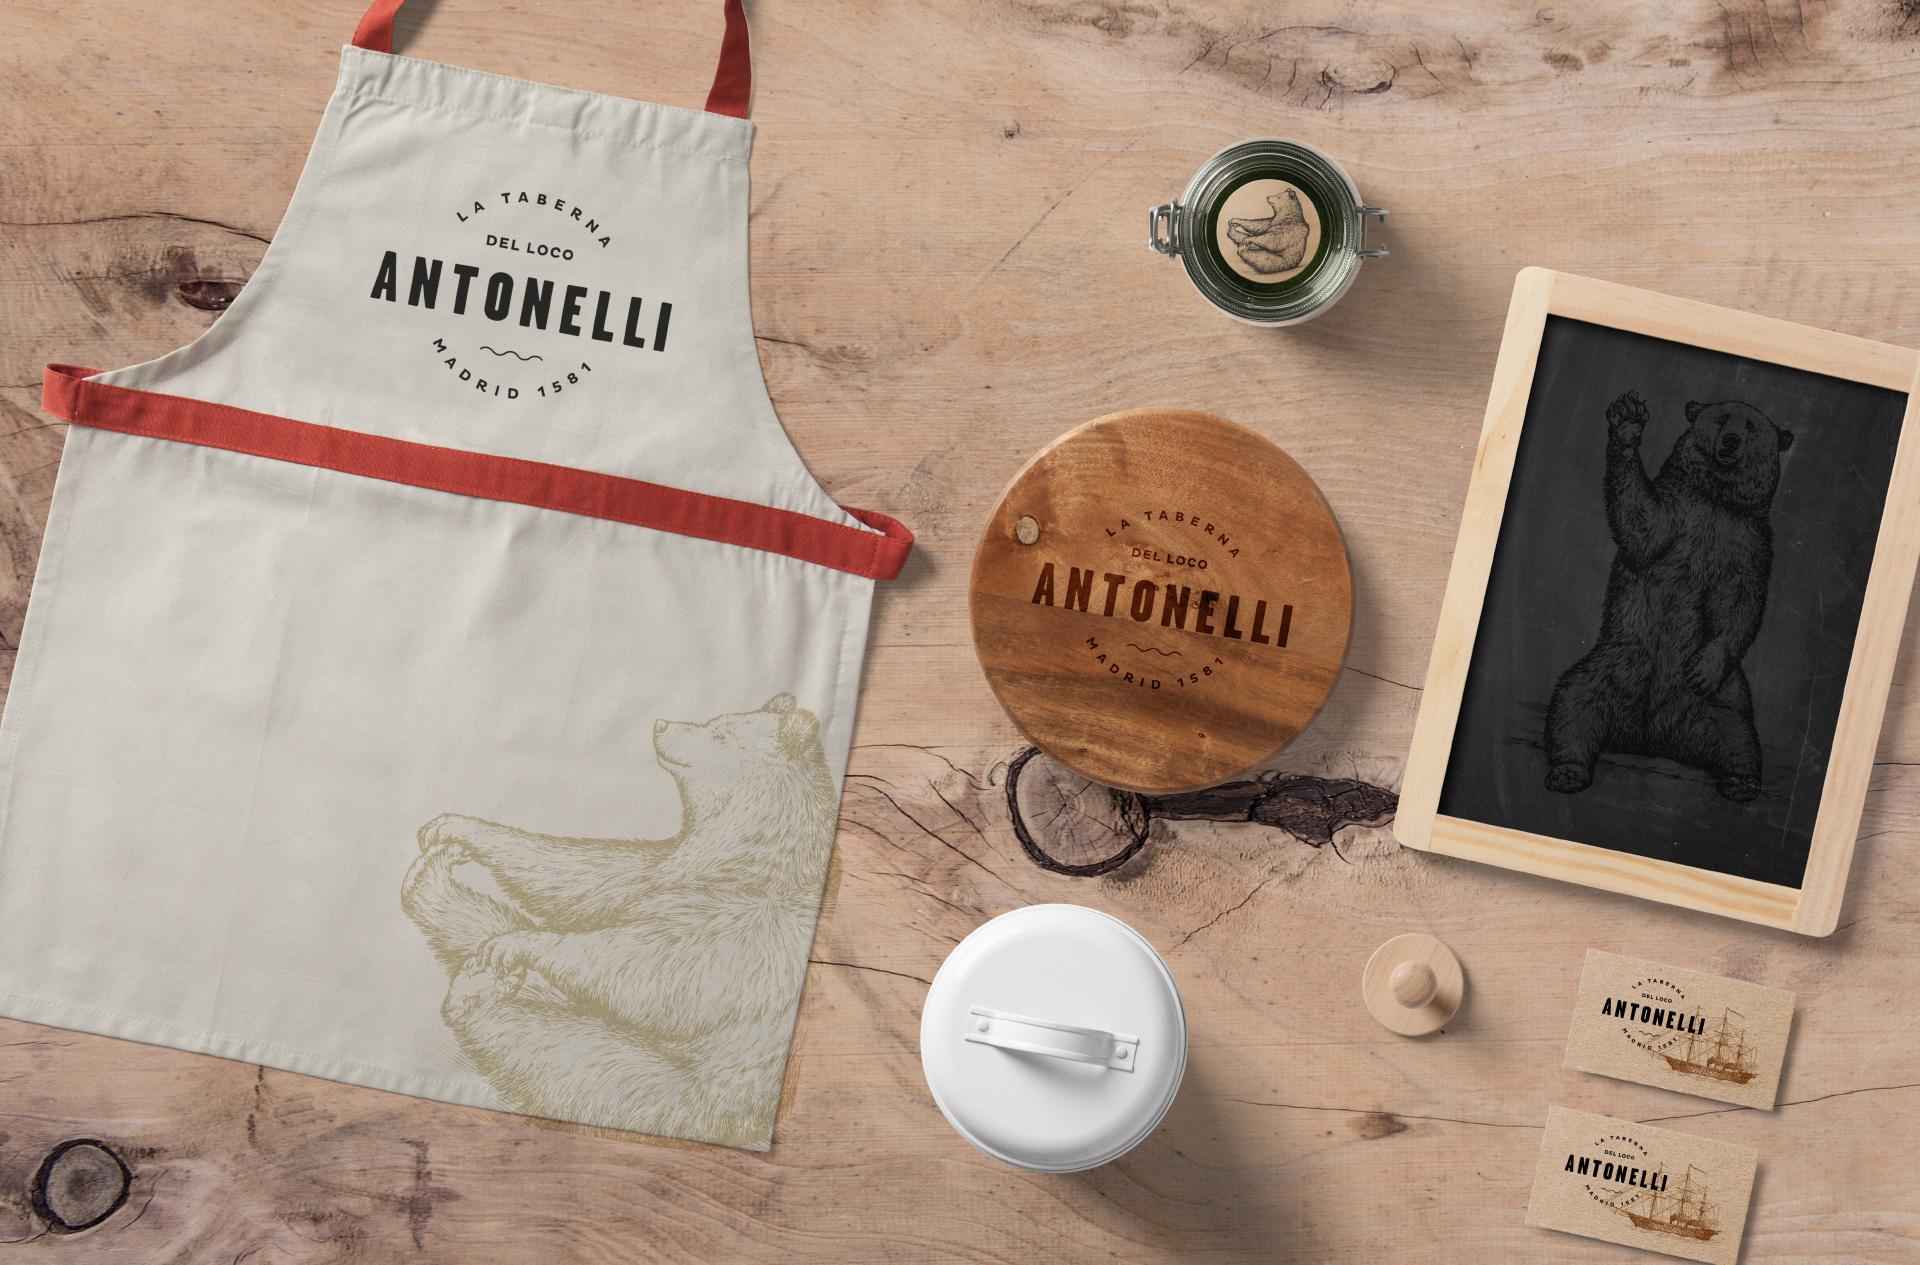 El-loco-Antonelli-angel-espinosa-013